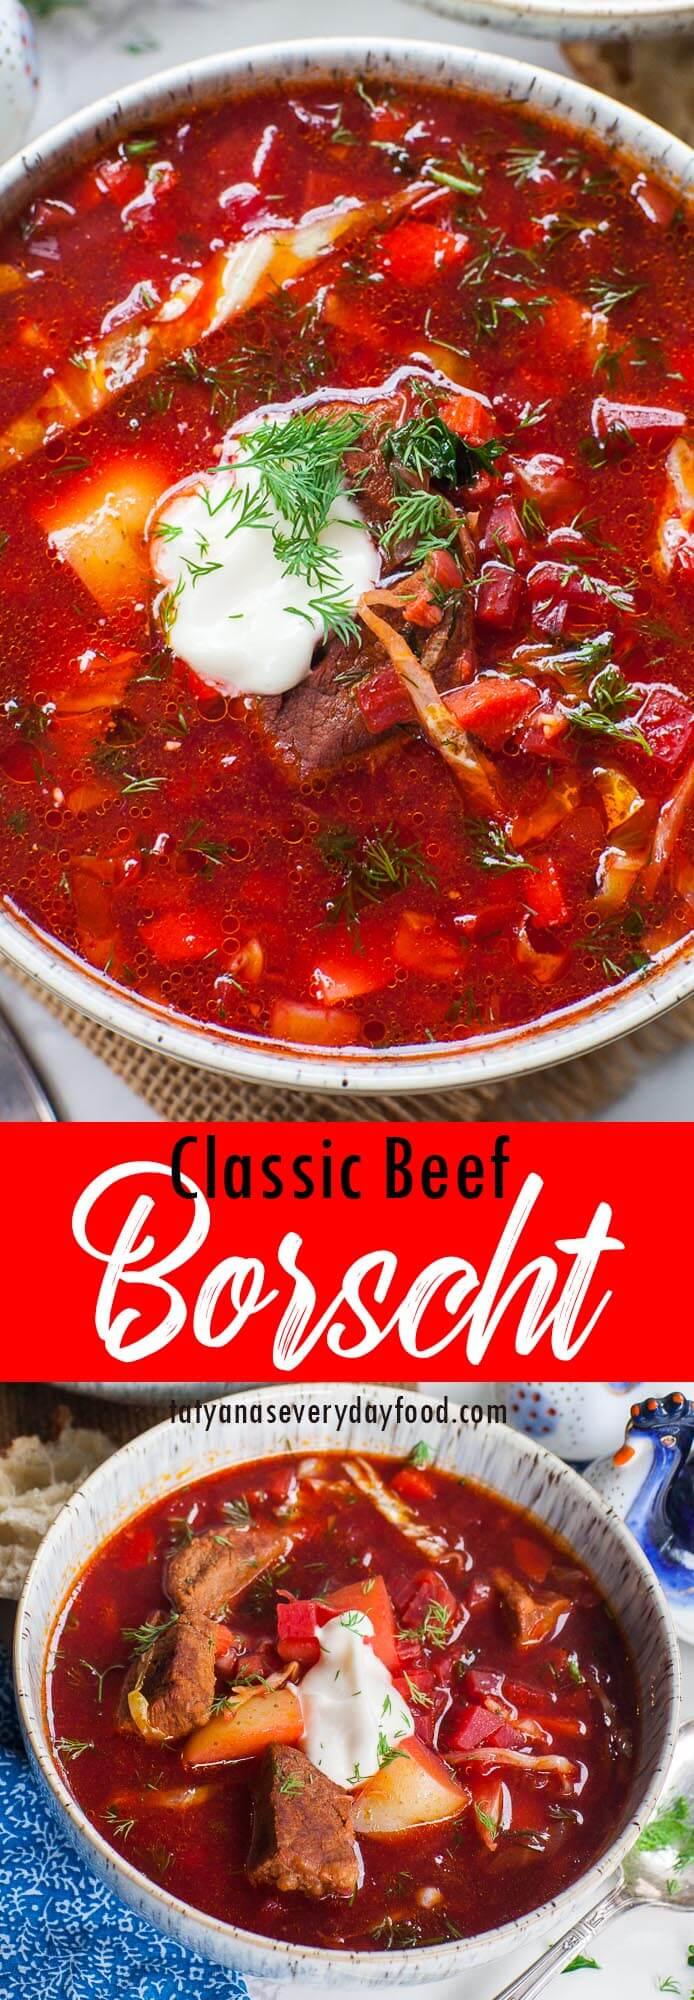 Classic Beef Borscht video recipe from Beyond Borscht cookbook